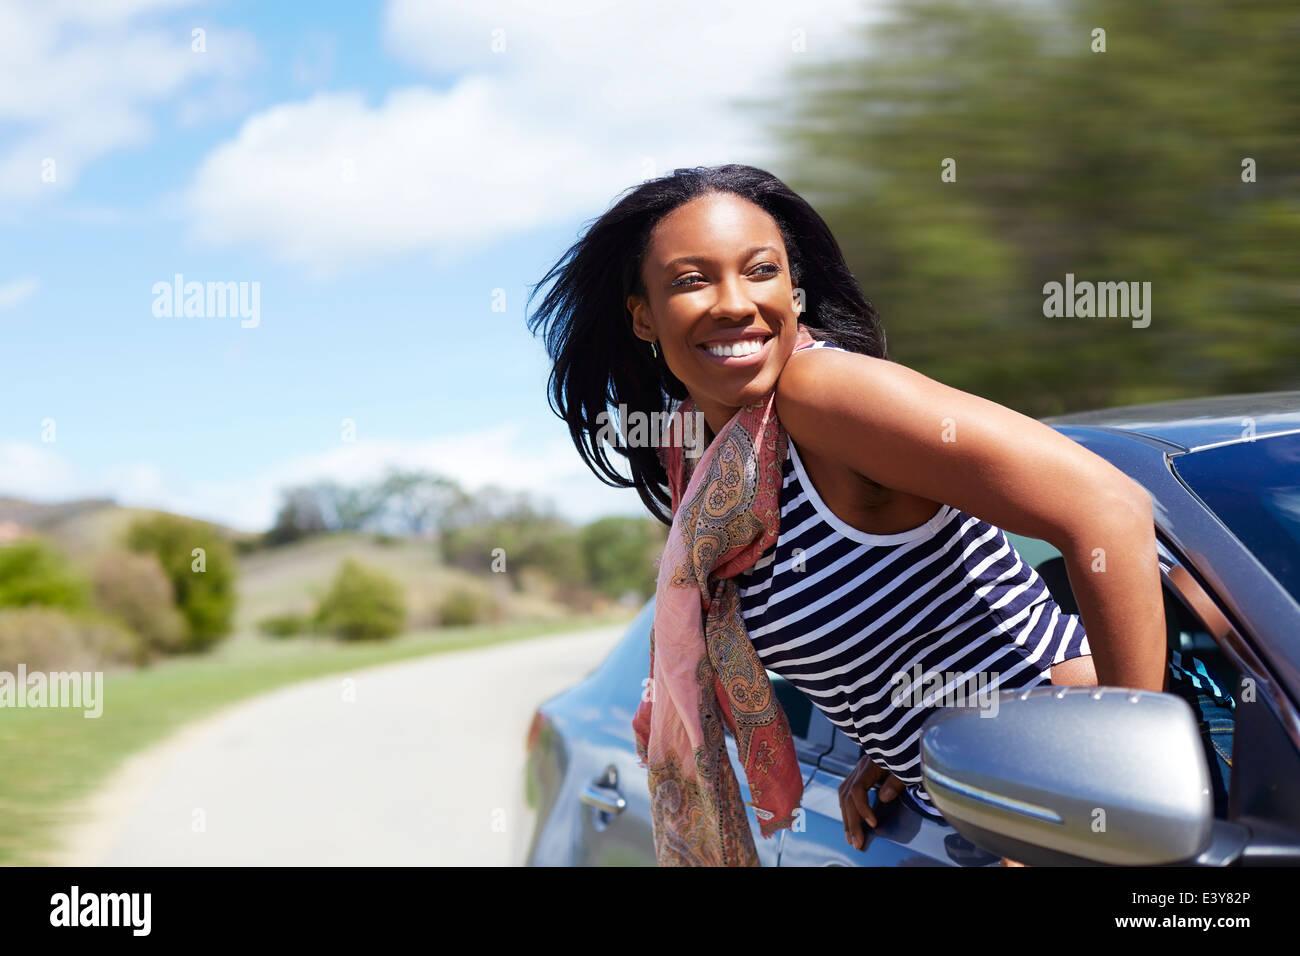 Junge Frau aus beweglichen Fenster gelehnt Stockbild